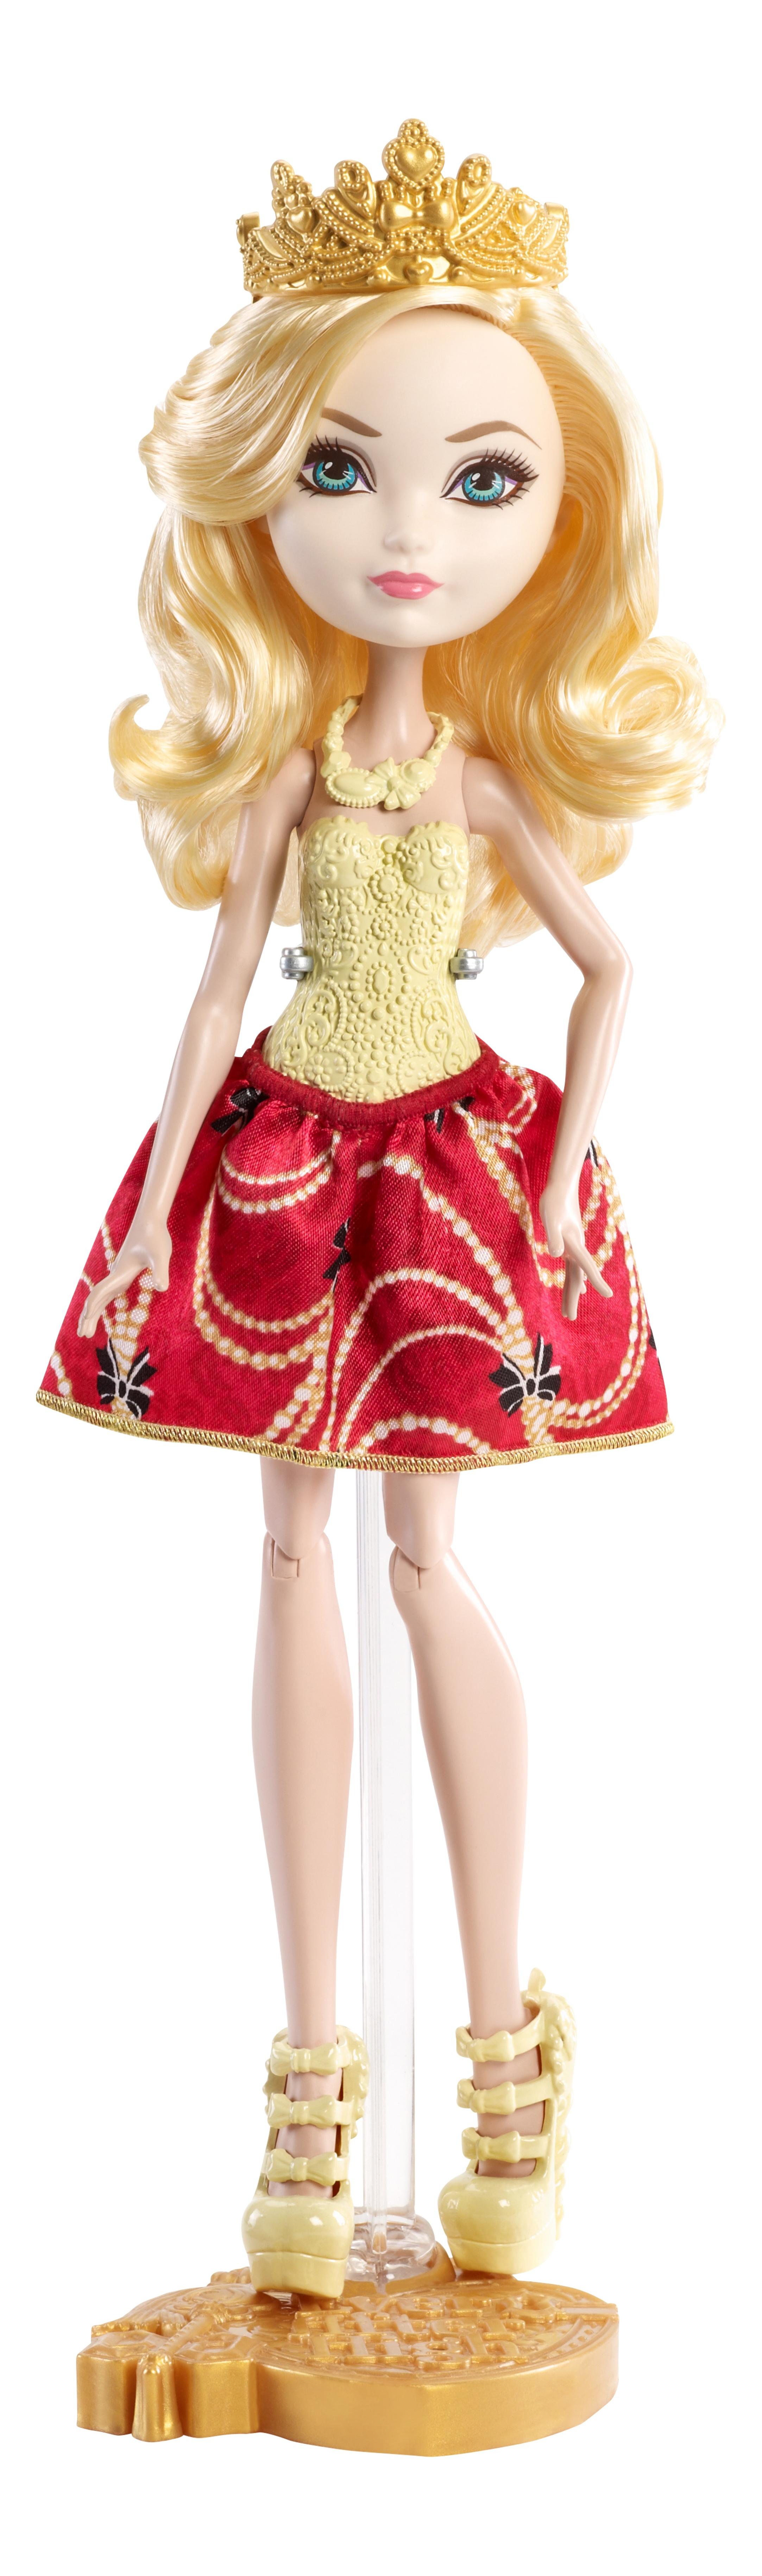 Кукла Ever After High Эпл Вайт DLB34